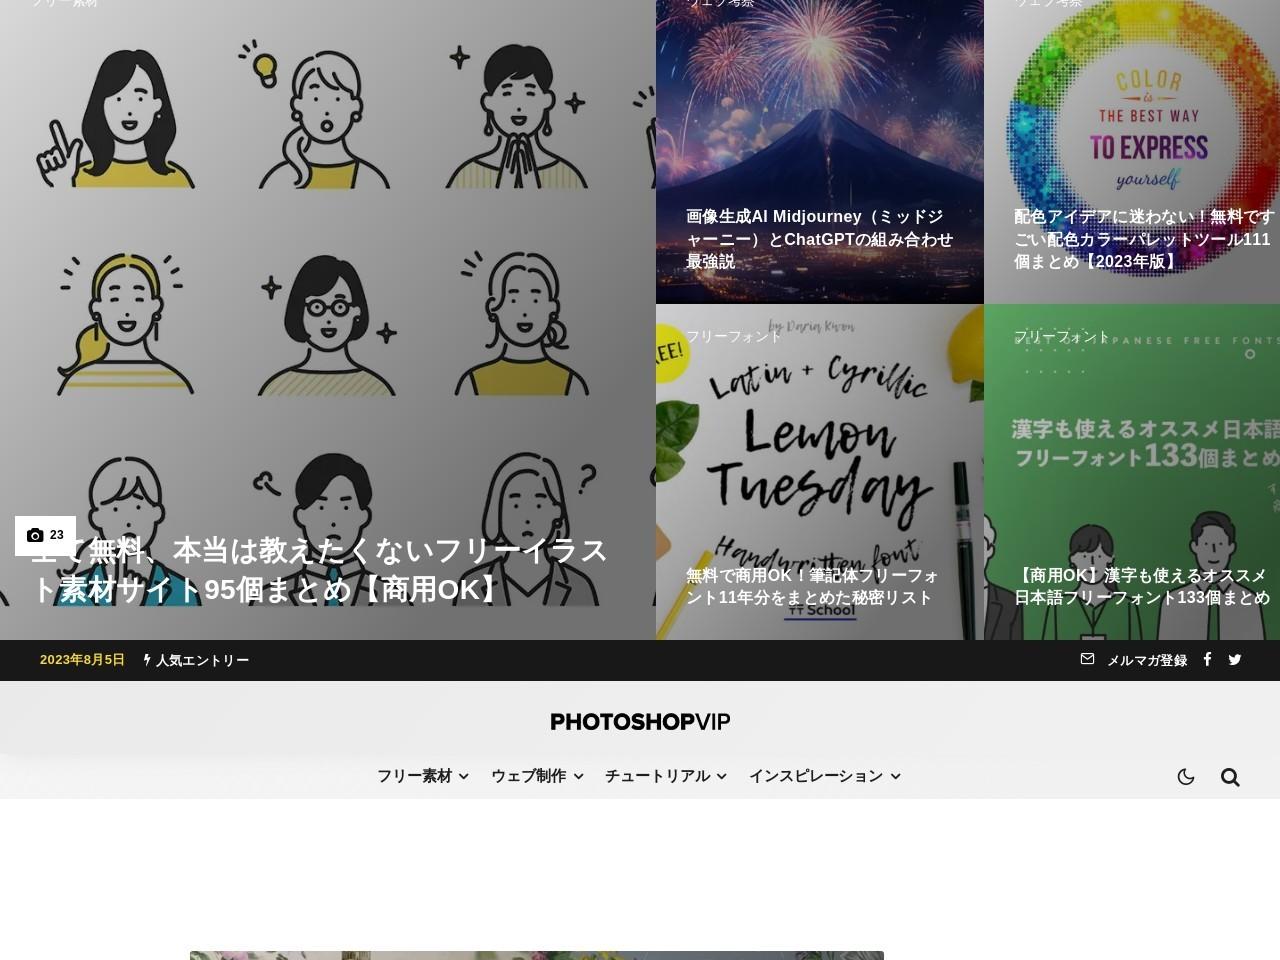 http://photoshopvip.net/wp-content/uploads/2013/01/text-effect-tutorials-38.jpg